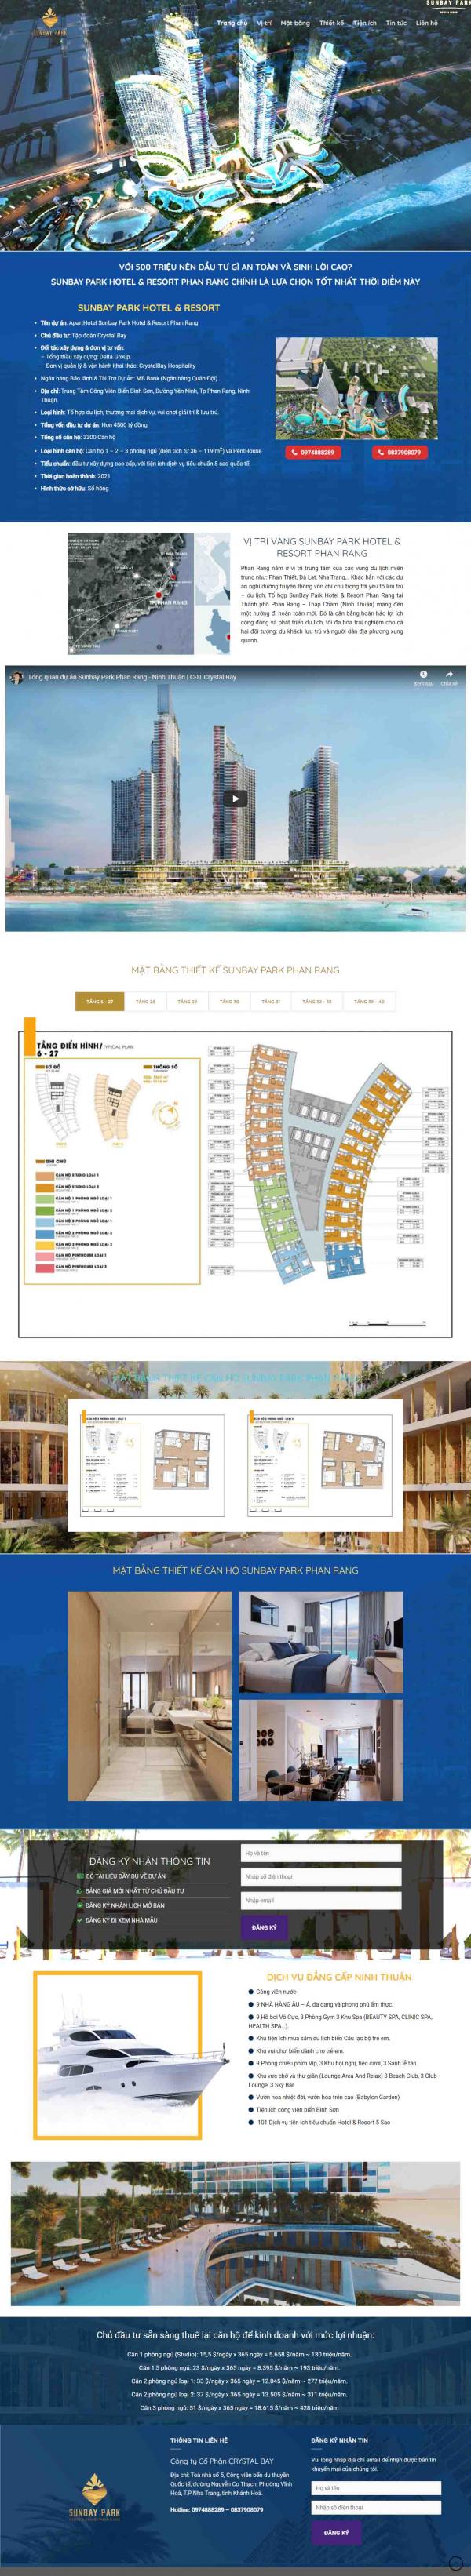 Mẫu giao diện thiết kế website banding page bất động sản đẹp